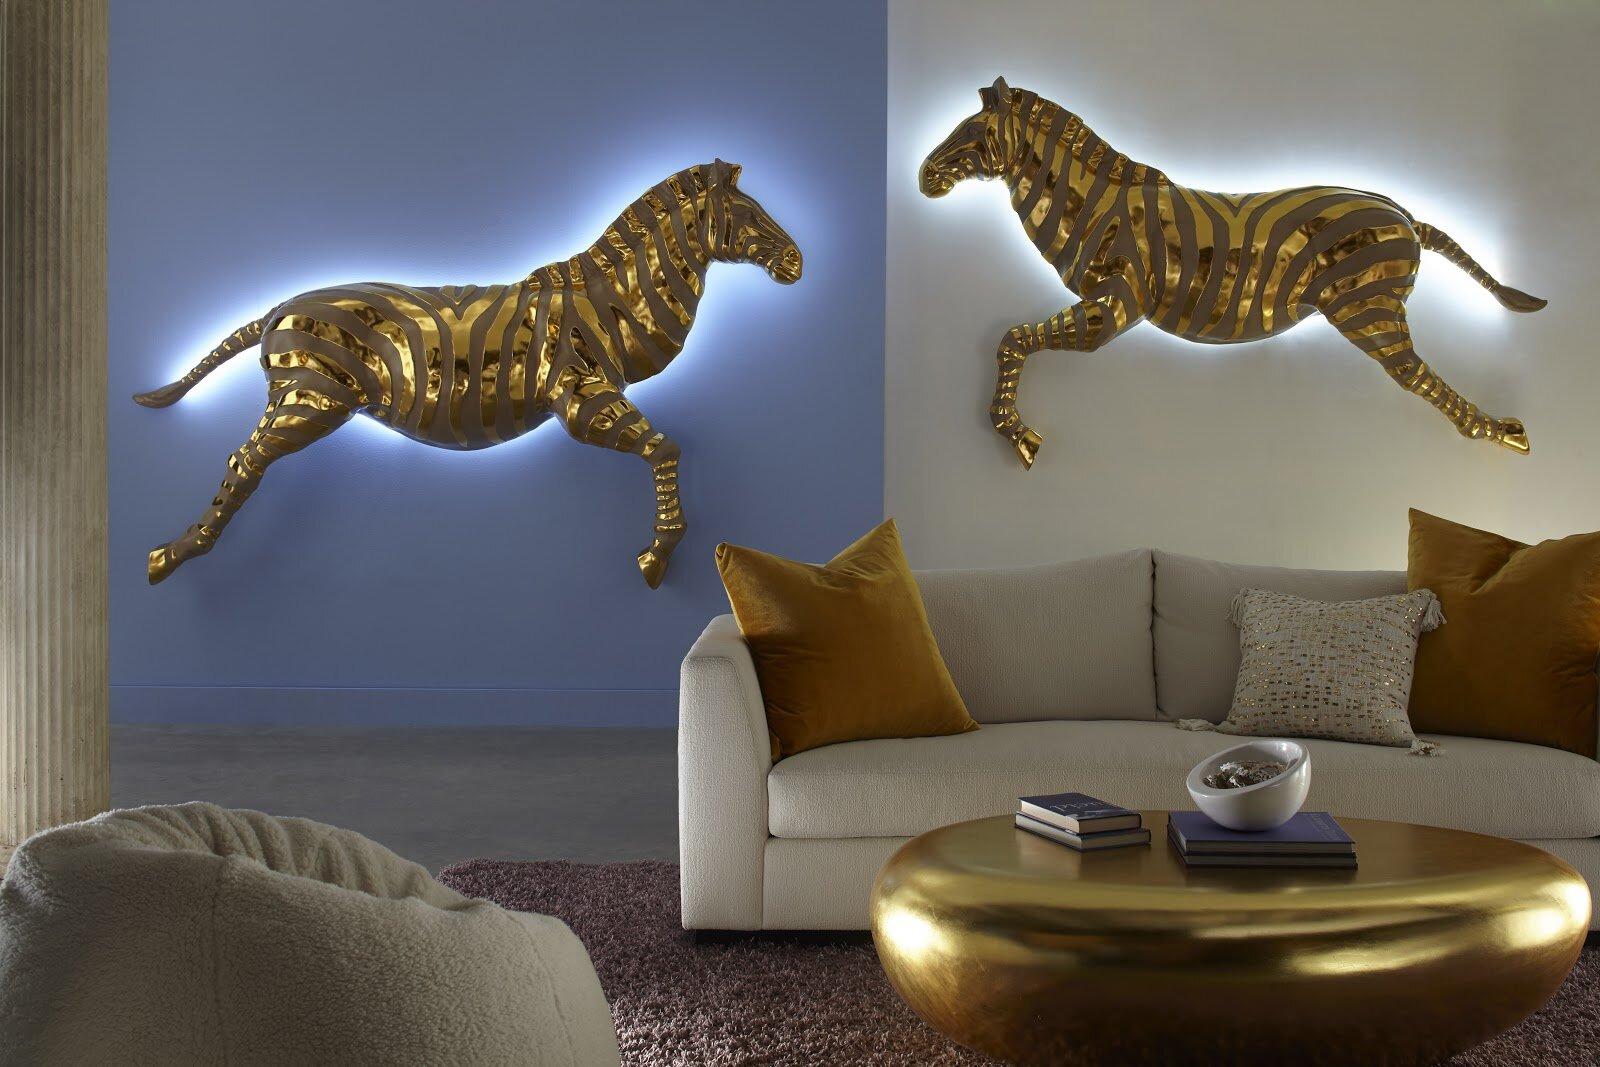 Illuminated Wall Decorations - Zebra Illuminated LED Wall Décor